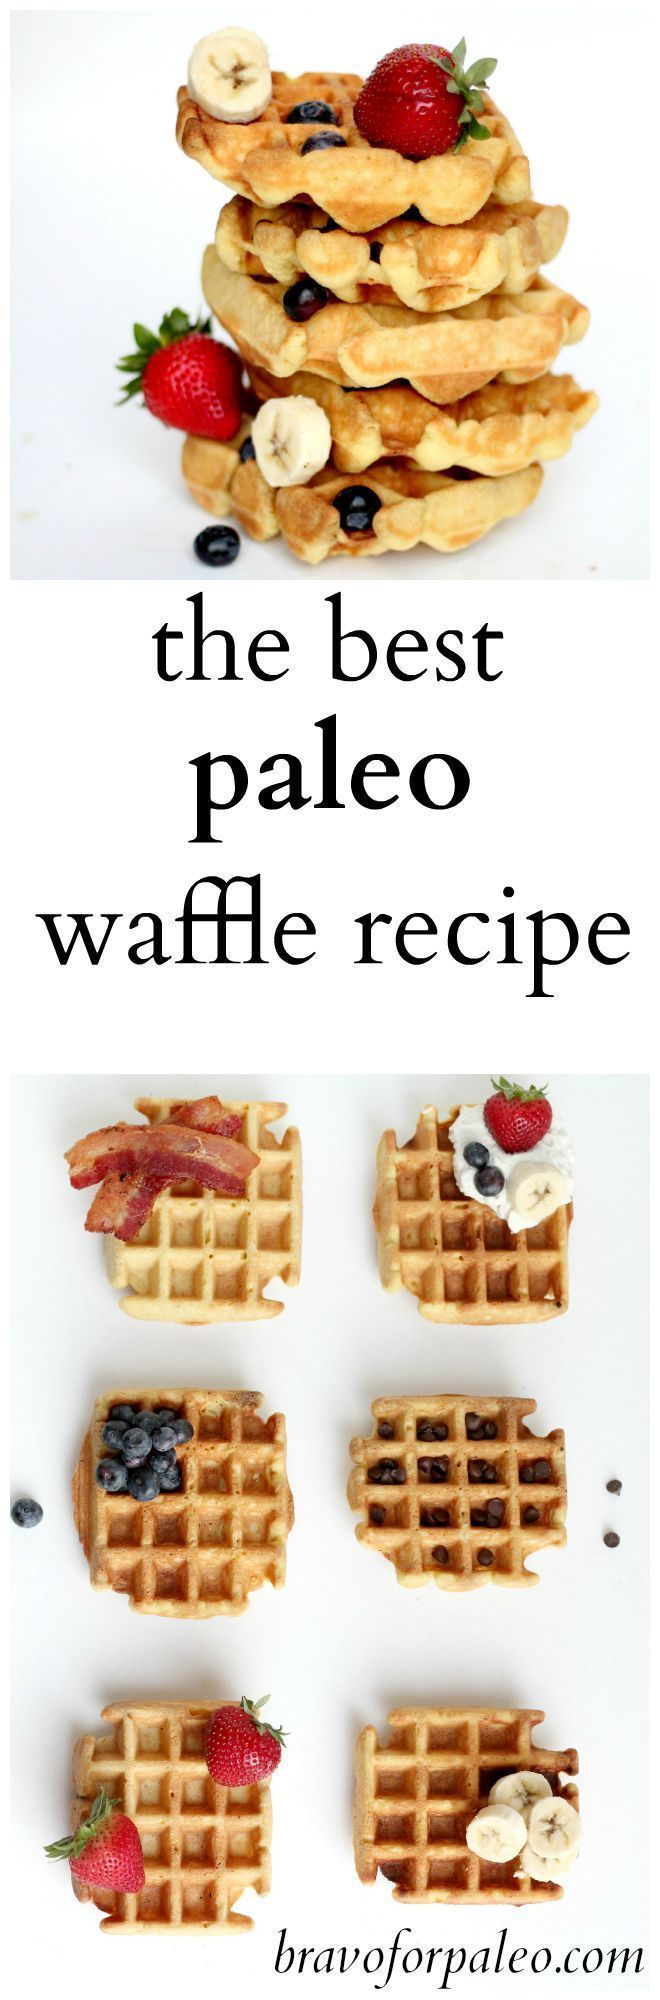 A great gluten free, grain free, paleo waffle recipe! #glutenfree #paleo #breakfast